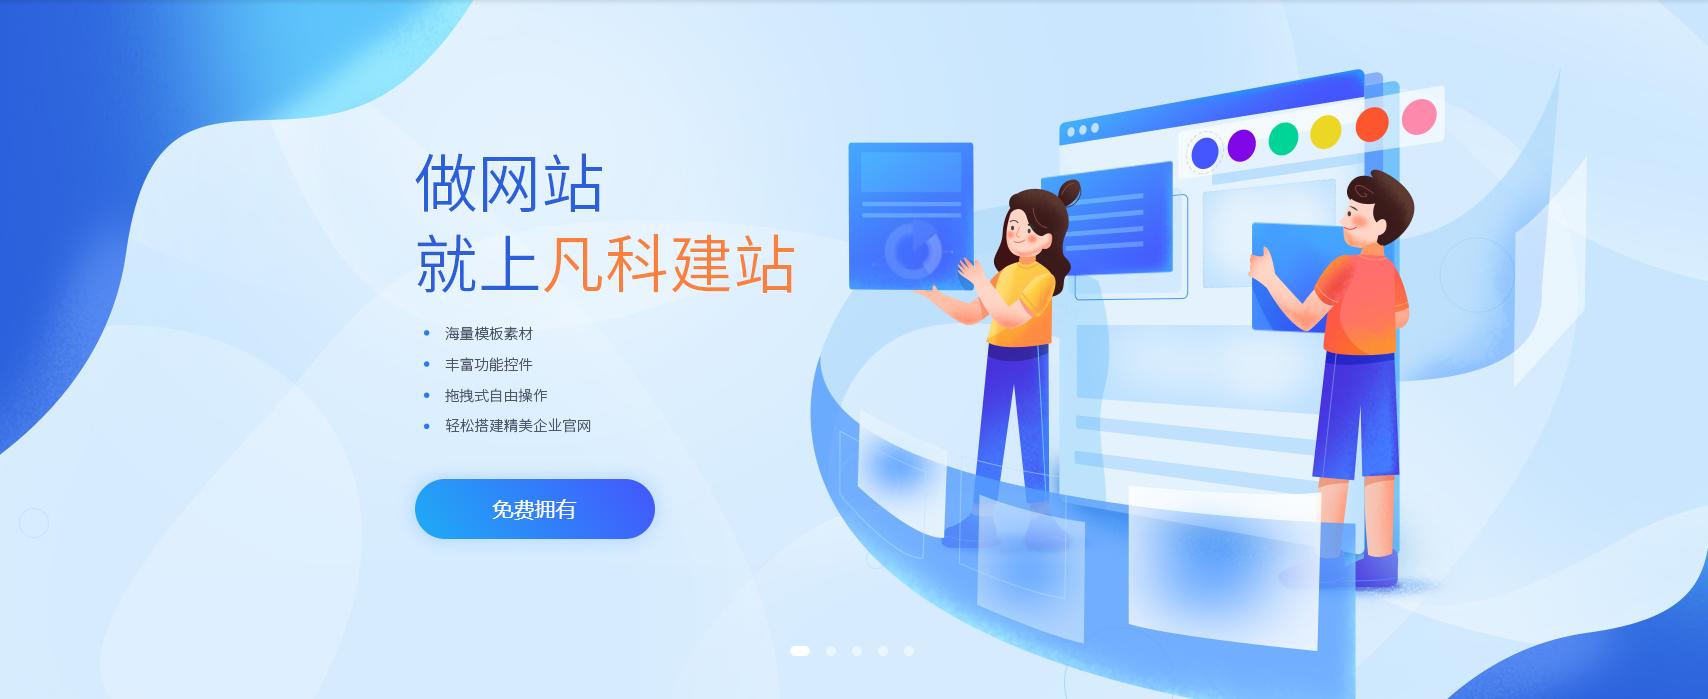 福利吧分享建站福利  阿里云推荐码免费领取